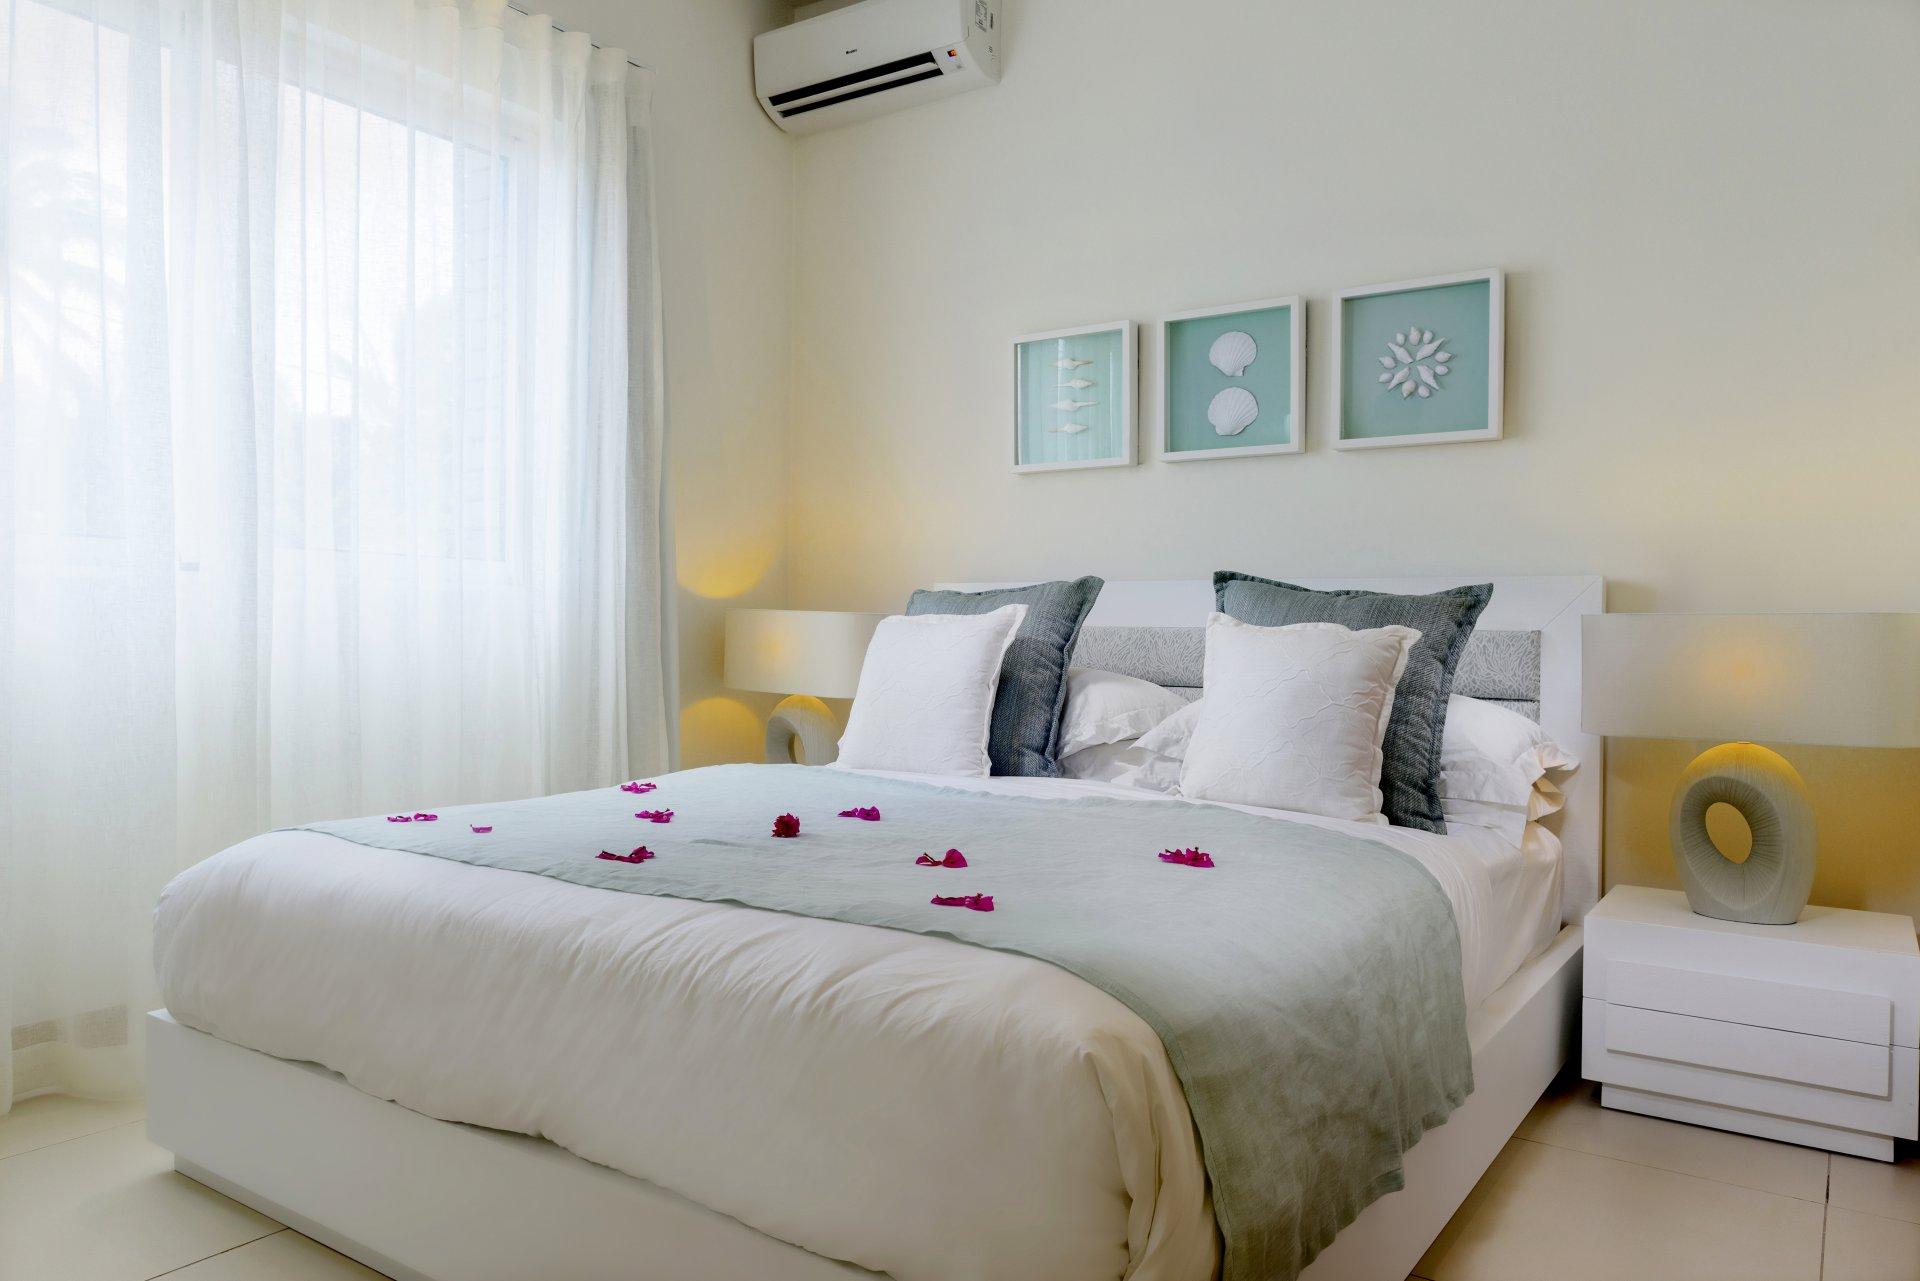 Location Appartement de 3 chambres  Pamplemousses